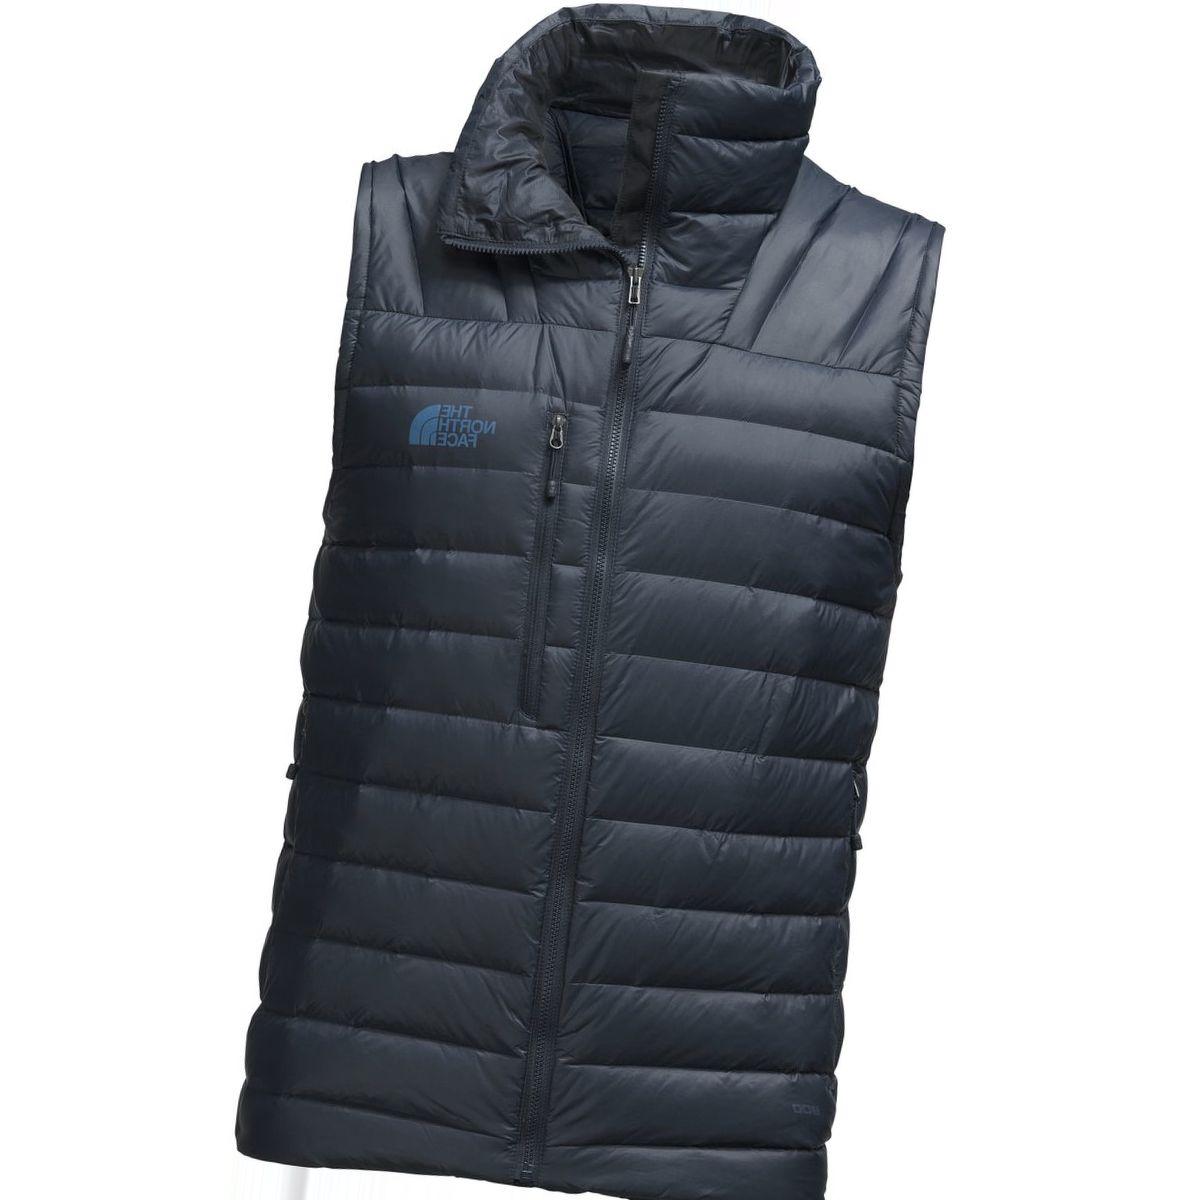 The North Face Morph Vest - Men's